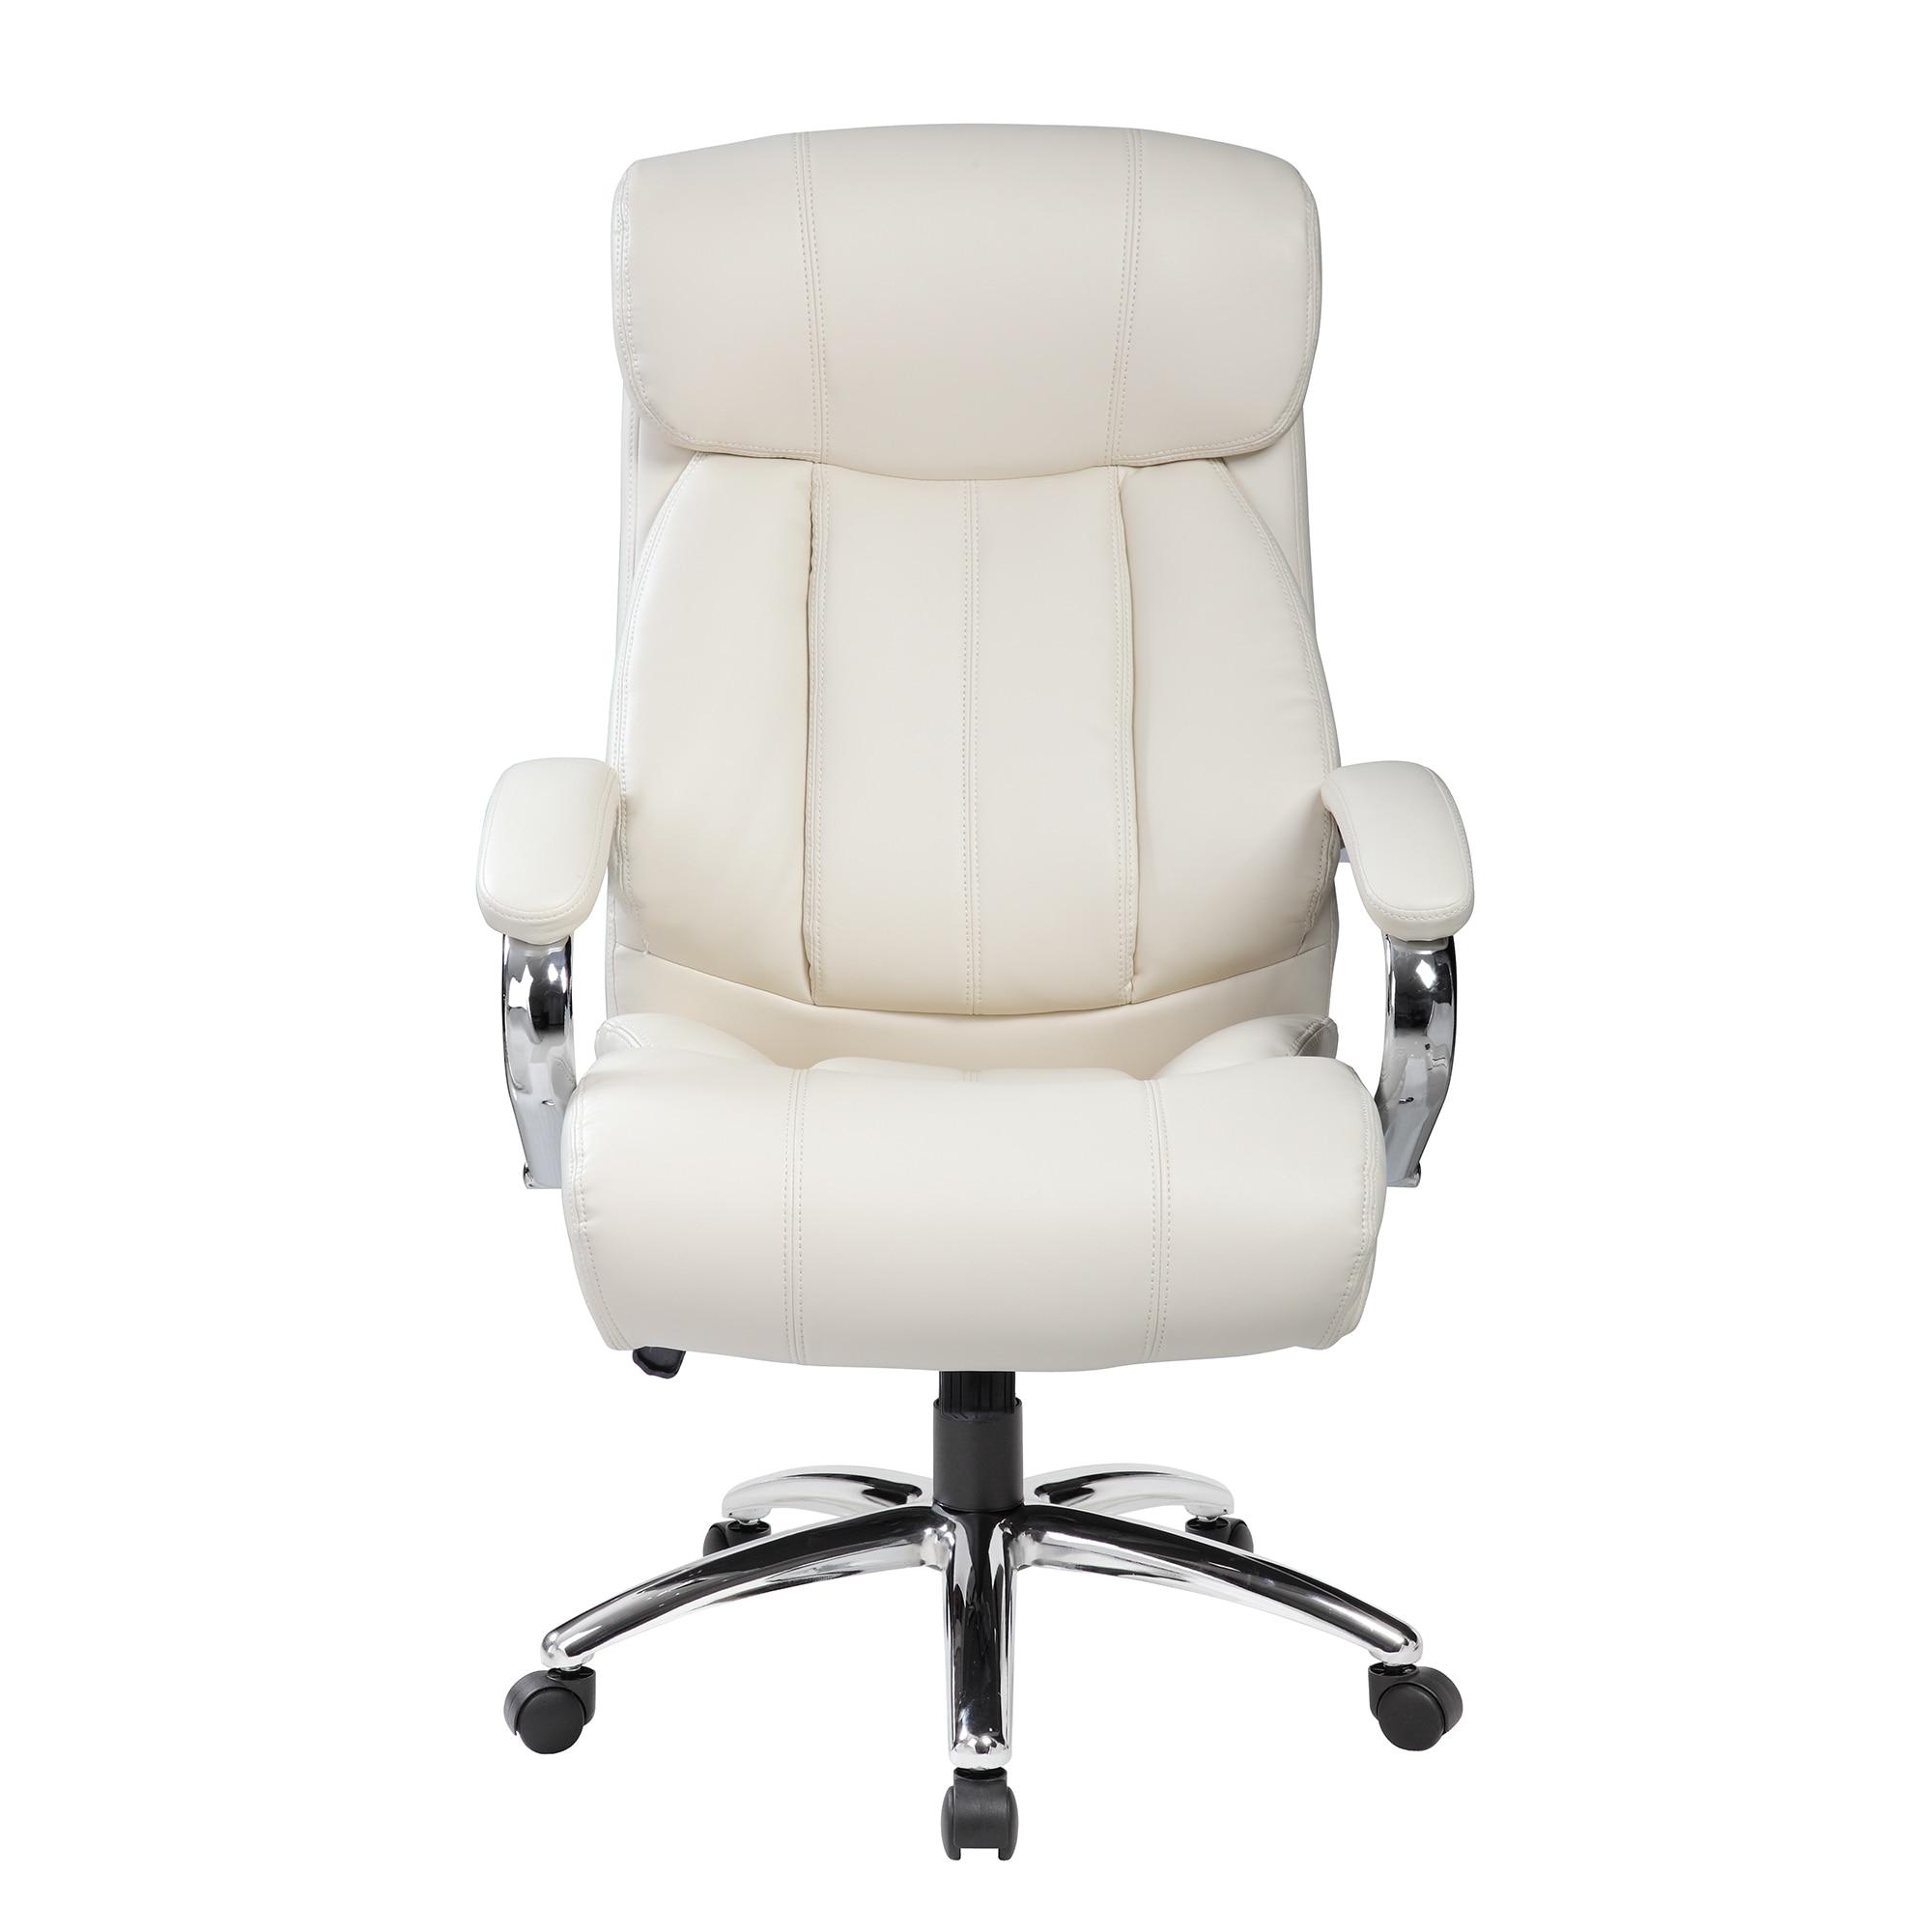 Kring Lincoln Ergonomikus irodai szék, Bézs eMAG.hu